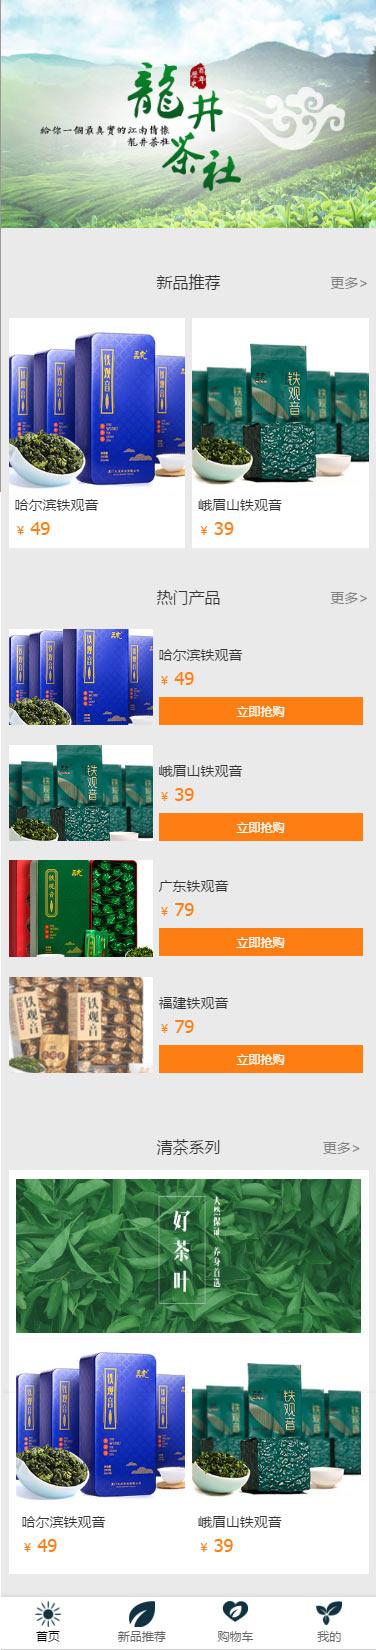 龙井茶社茶叶商城模板